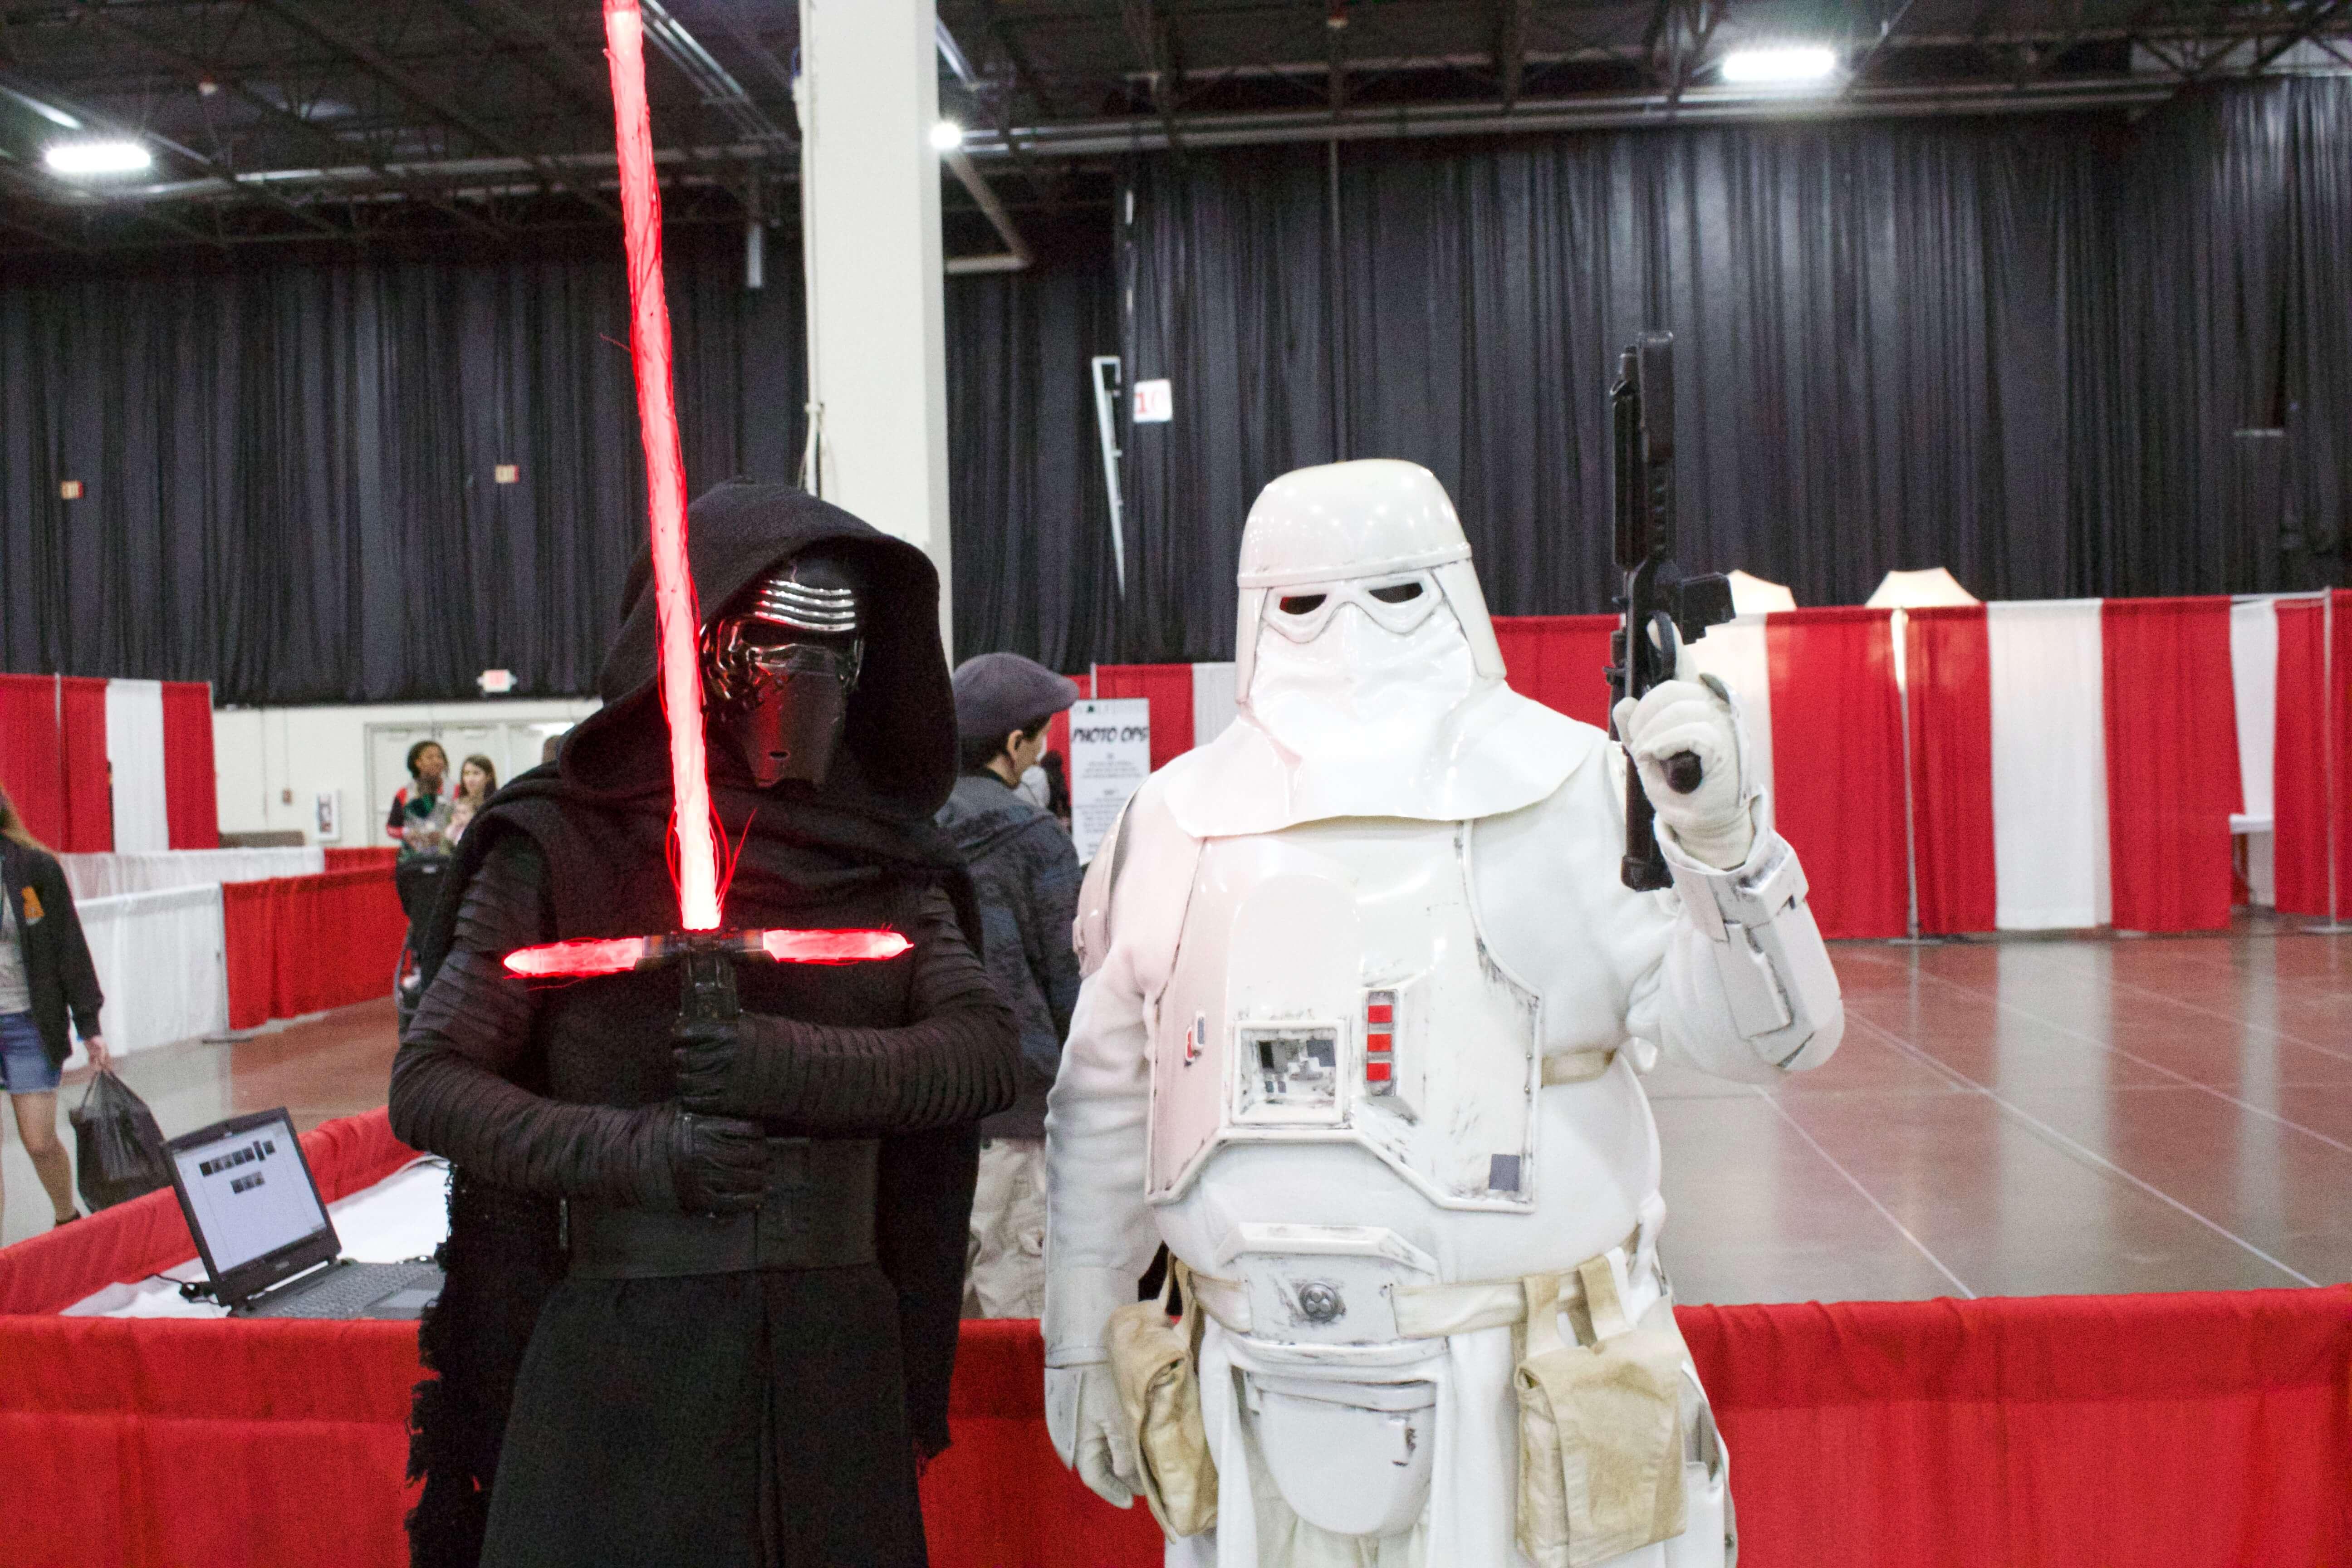 Kylo, Imperial Trooper